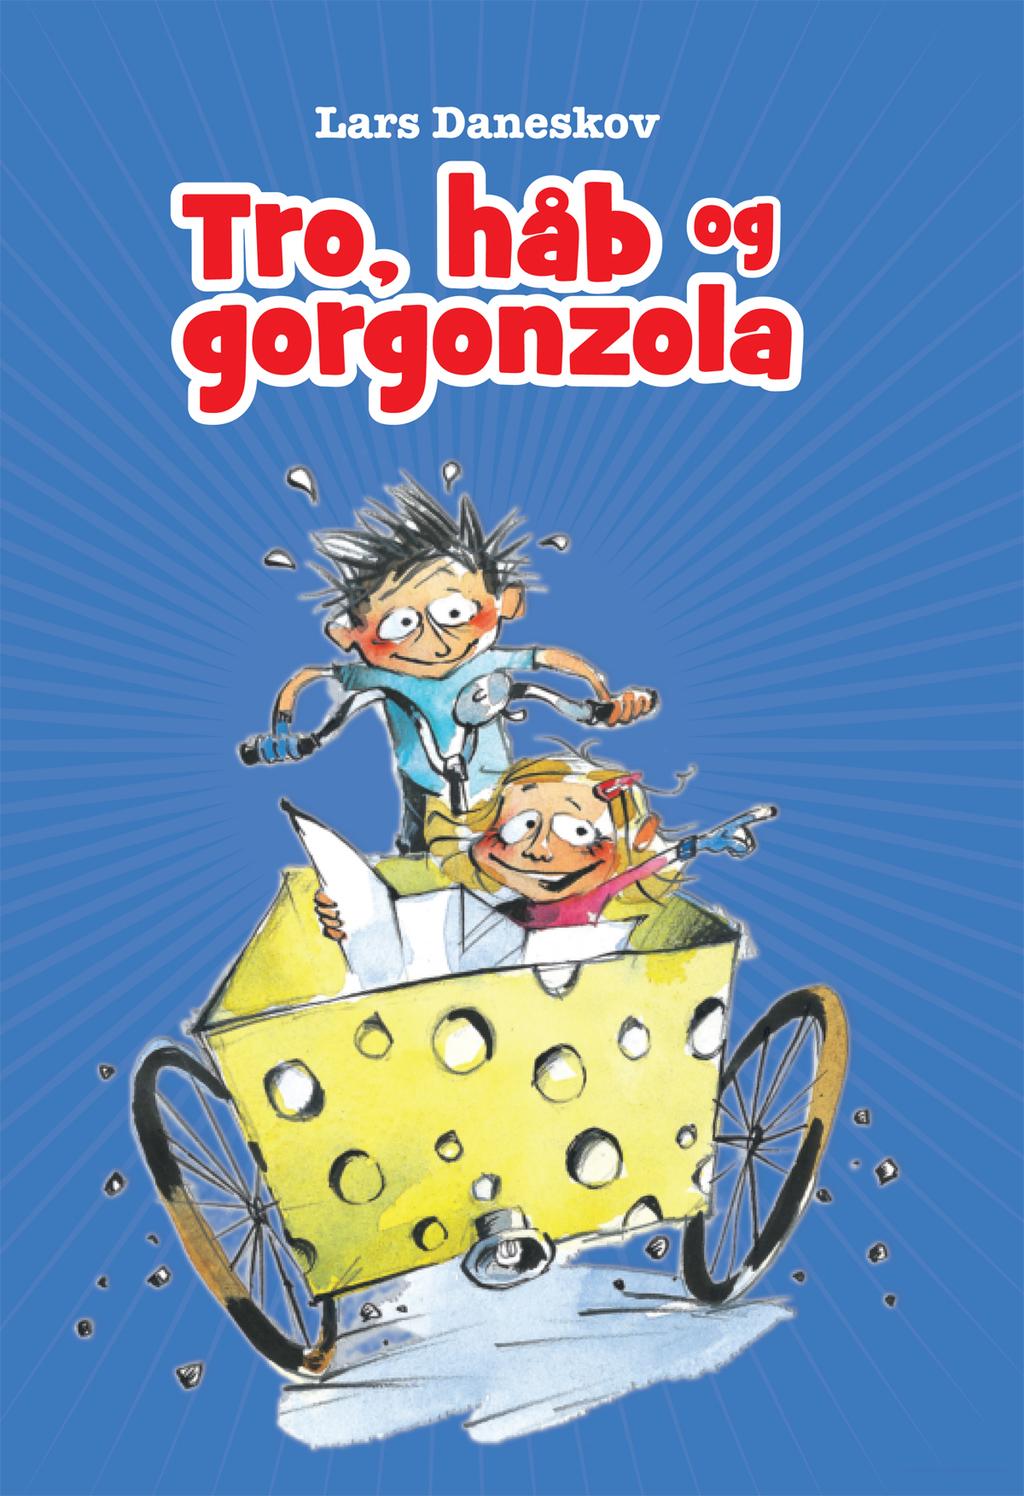 Anton bøgerne: Tro, håb og gorgonzola - Lars Daneskov - Bøger - Politikens Forlag - 9788740011999 - August 16, 2013